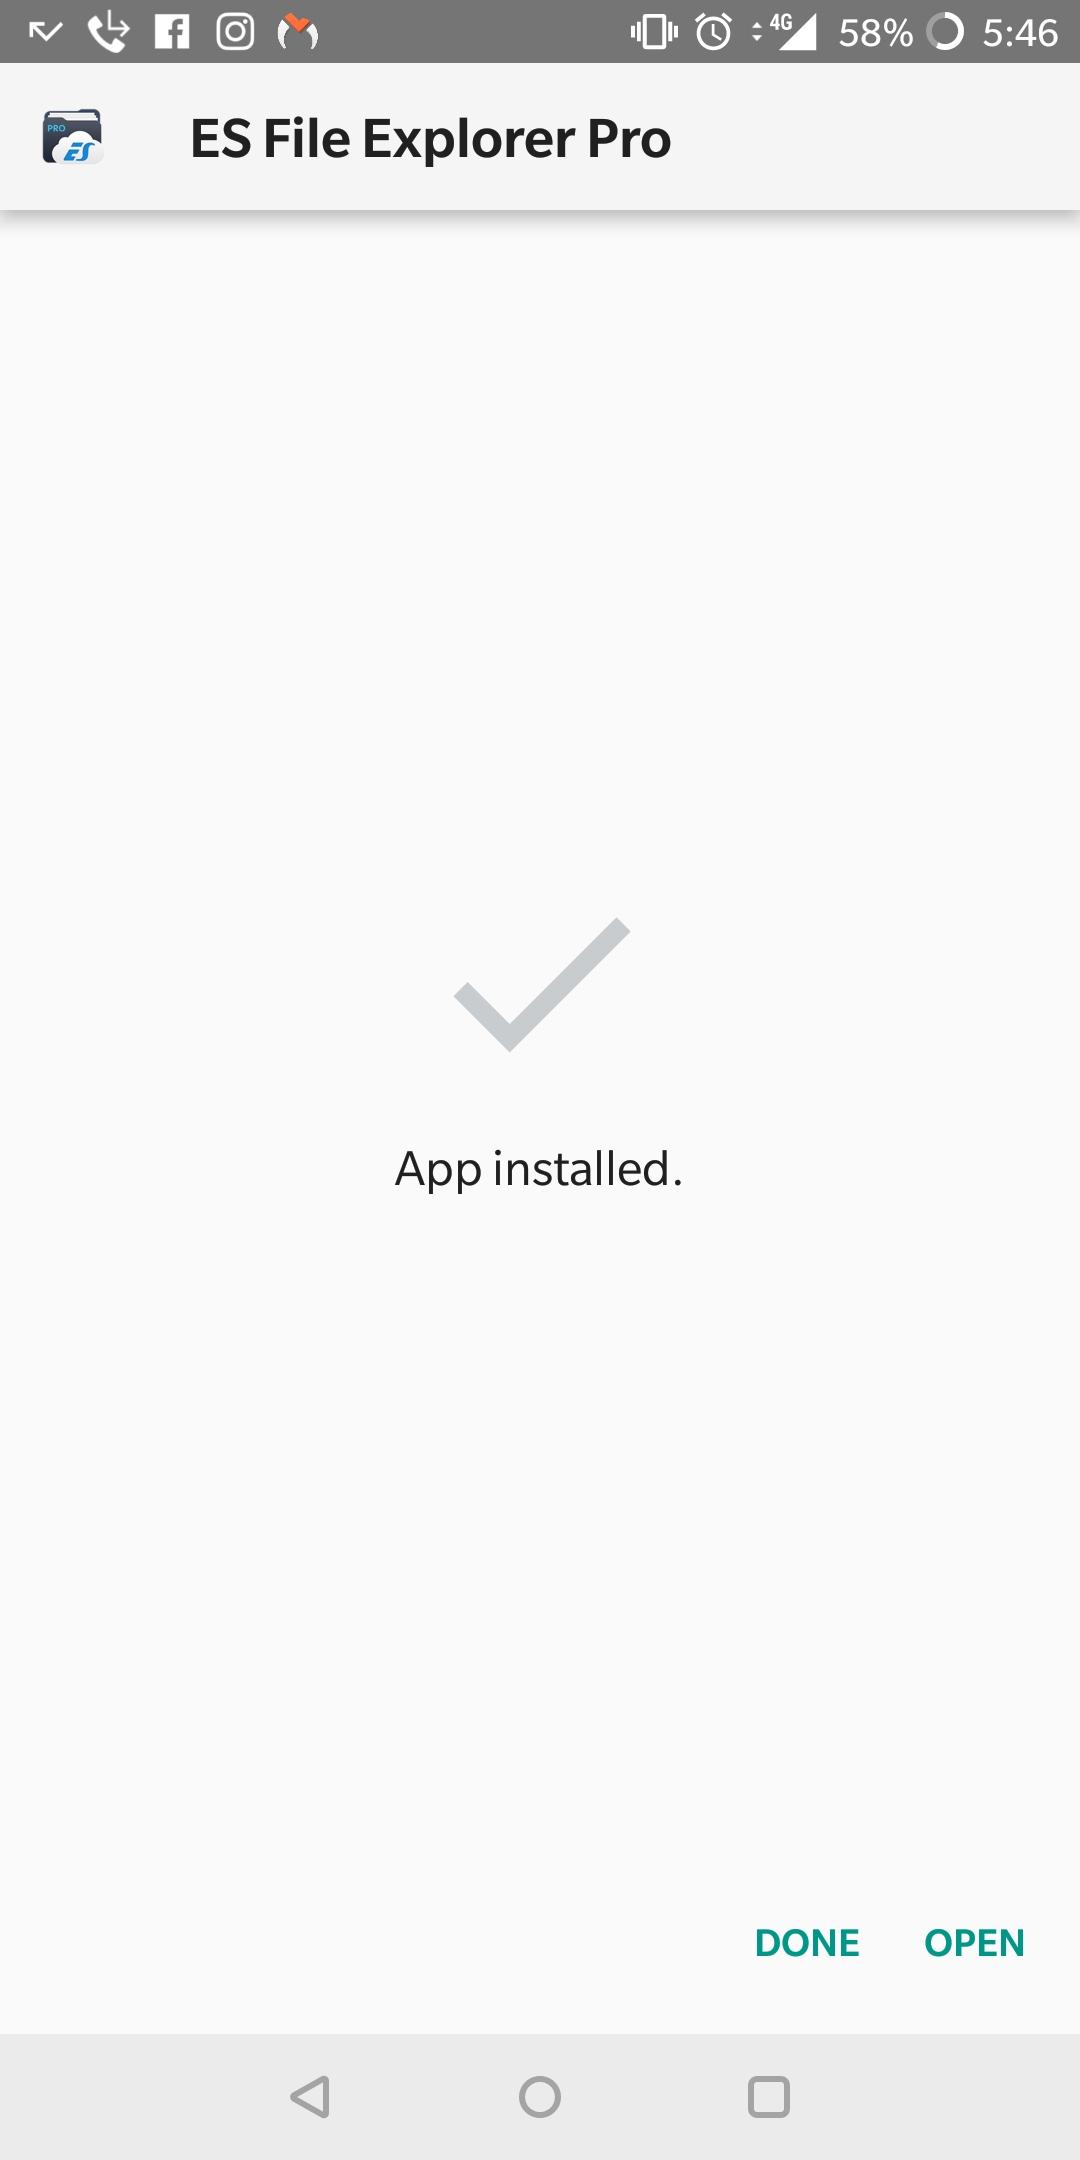 ES File Explorer Installed